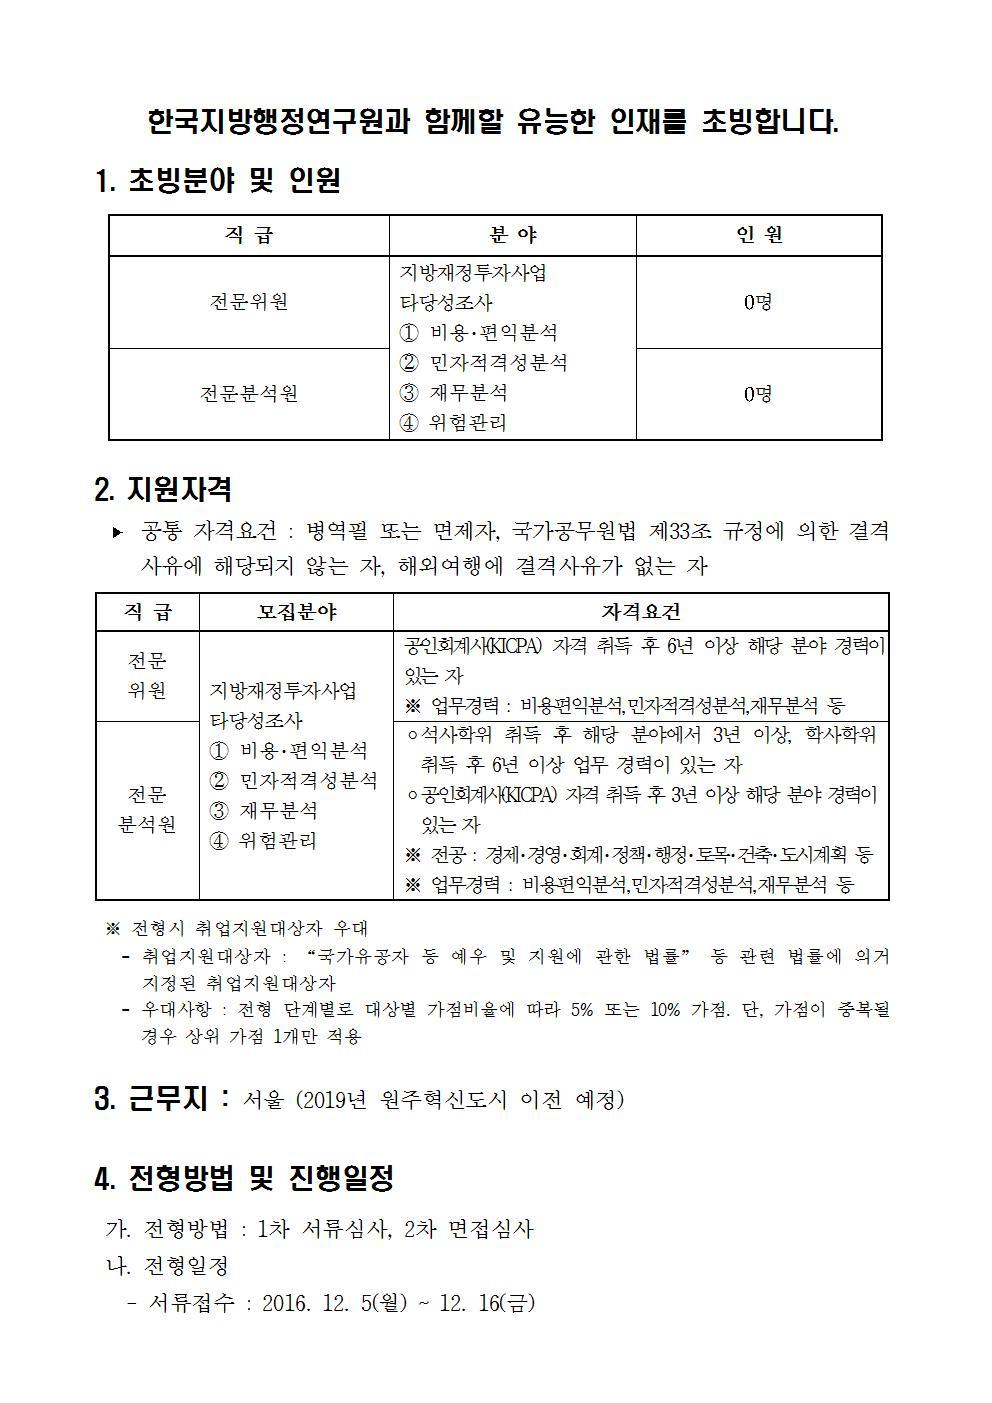 한국행정연구원채용1001.jpg